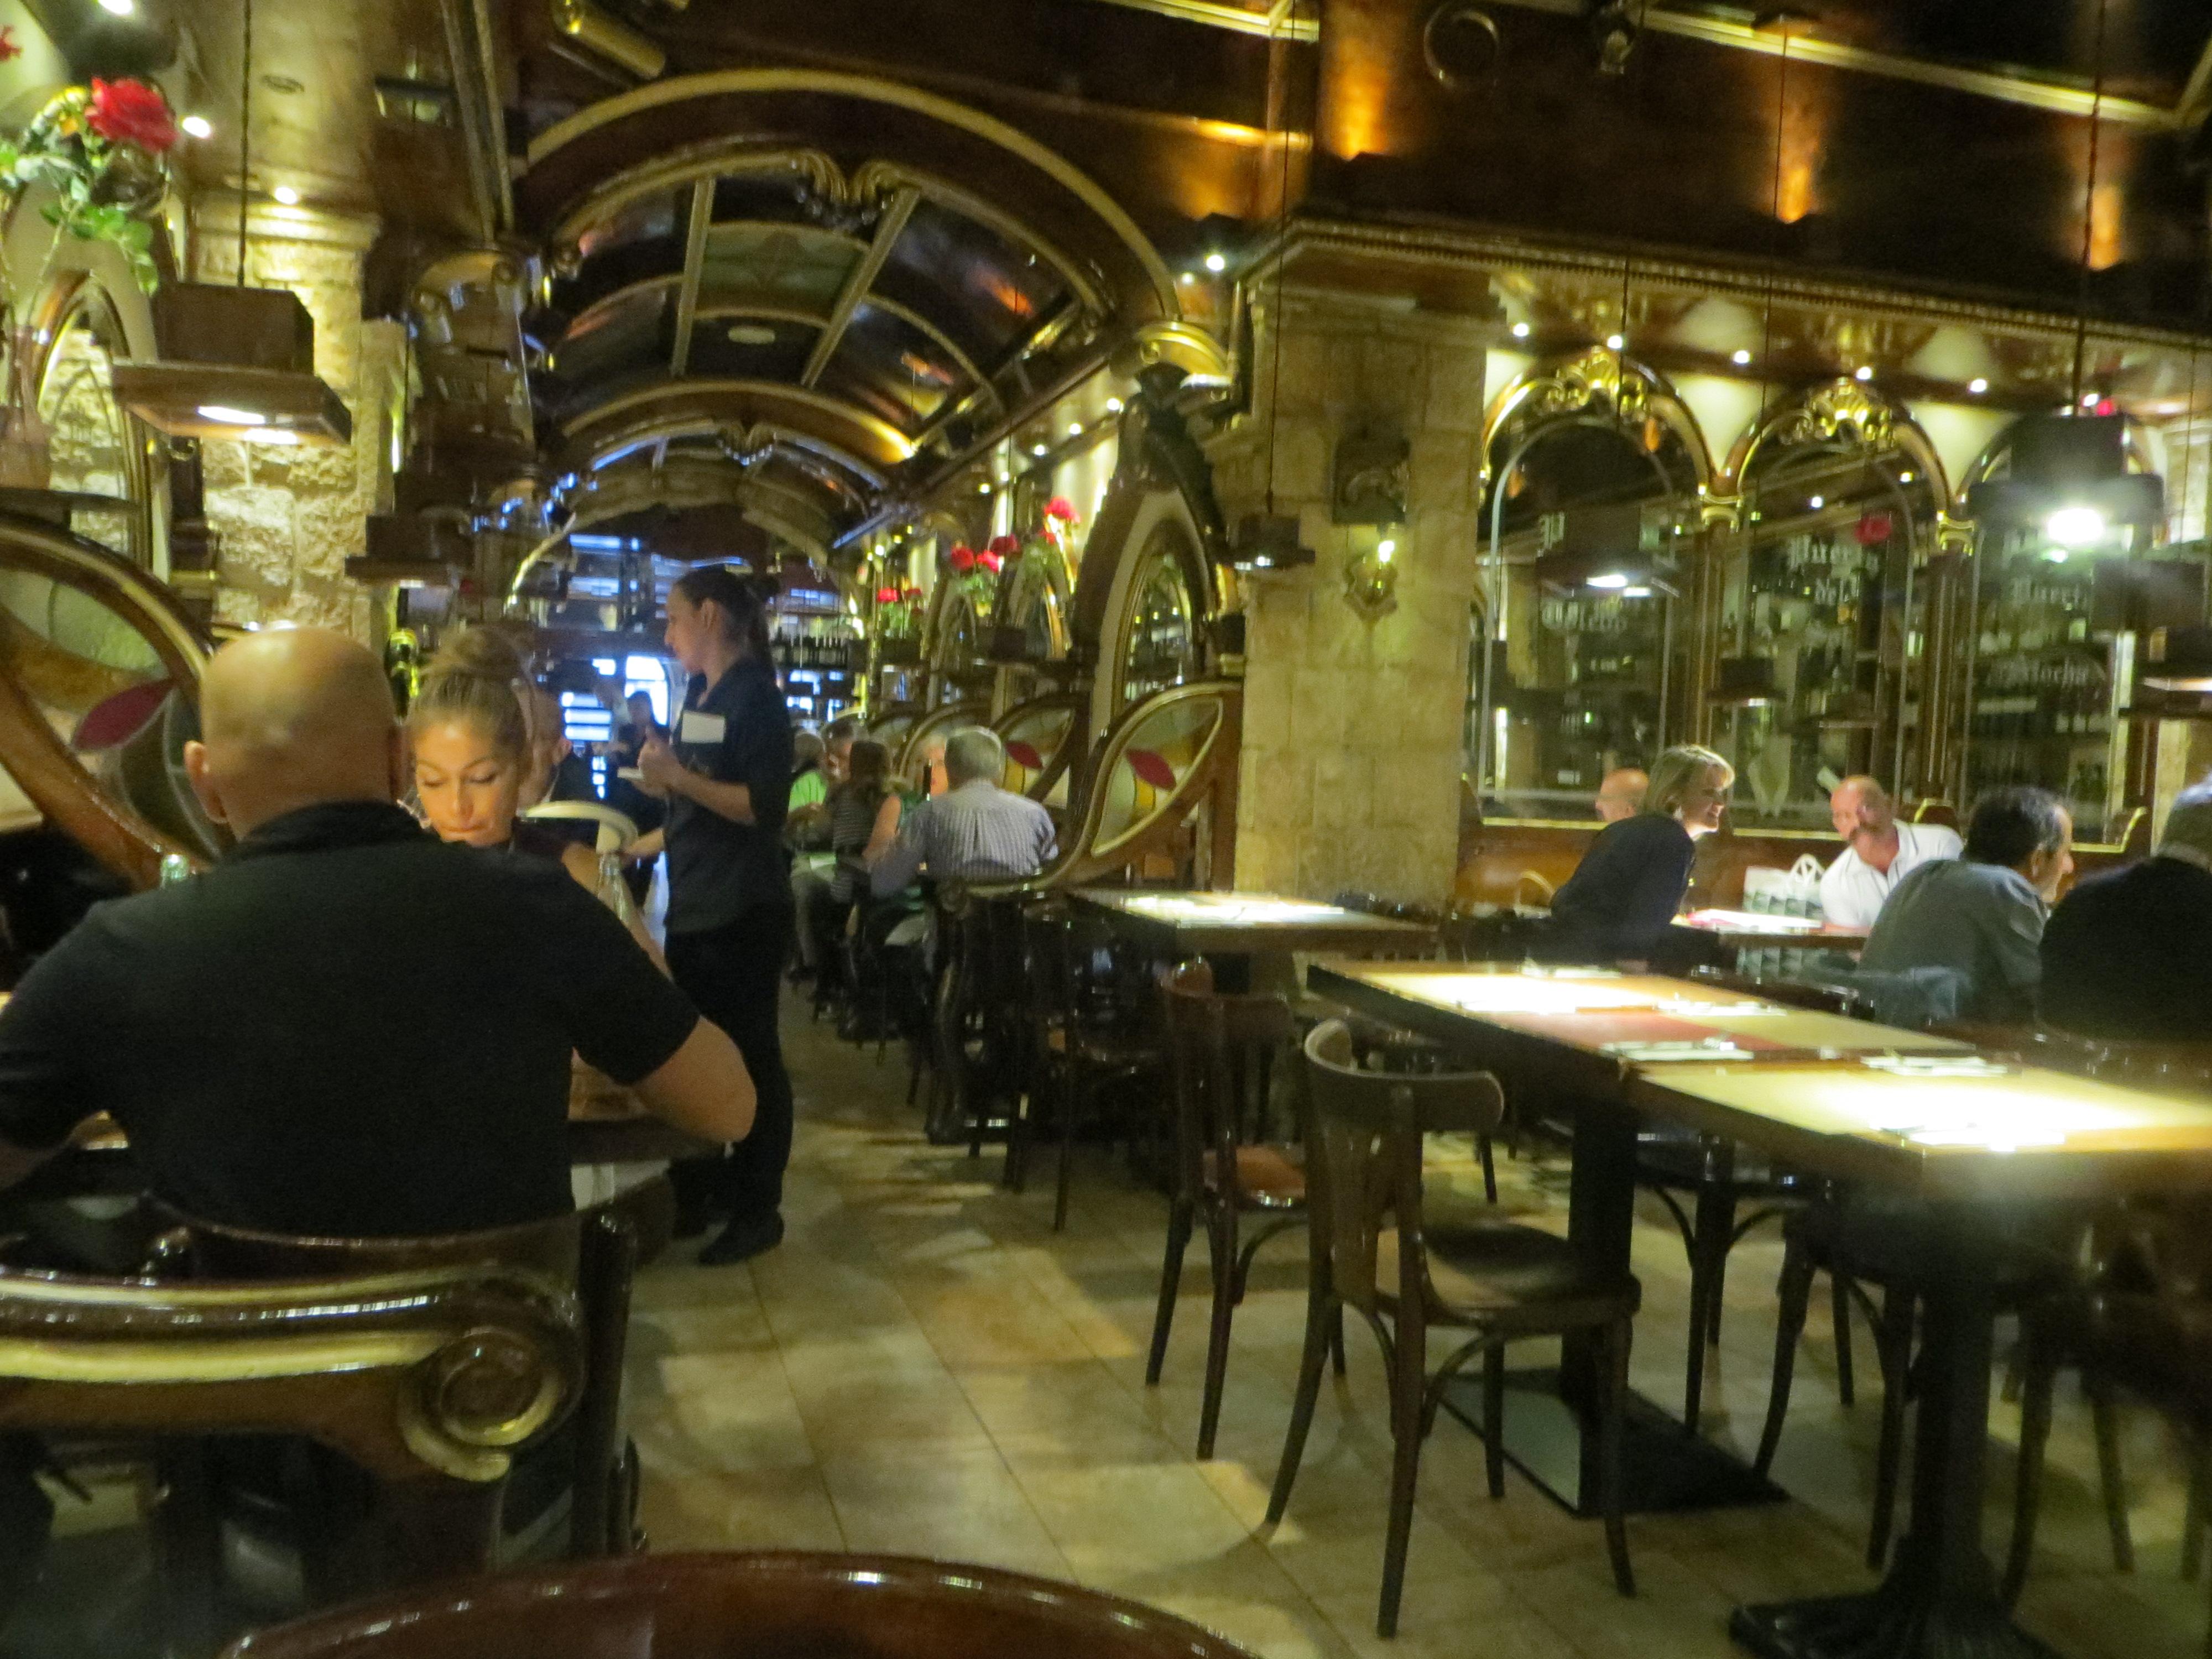 foto del interior de la sala de abajo